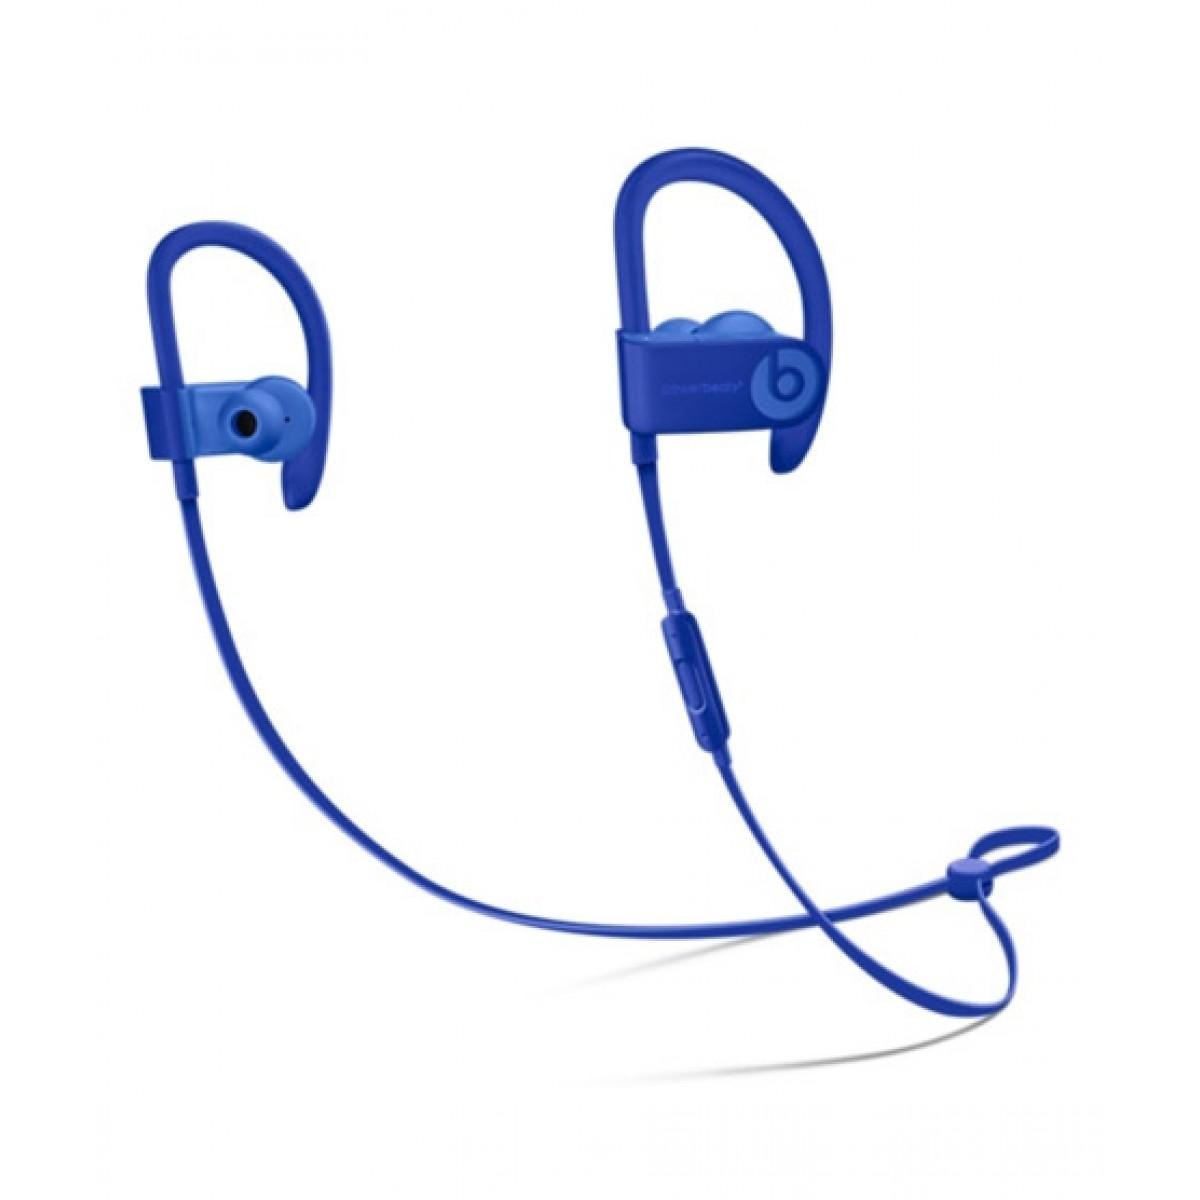 4fef0b7807a6 Beats Powerbeats3 Wireless Earphones Price in Pakistan